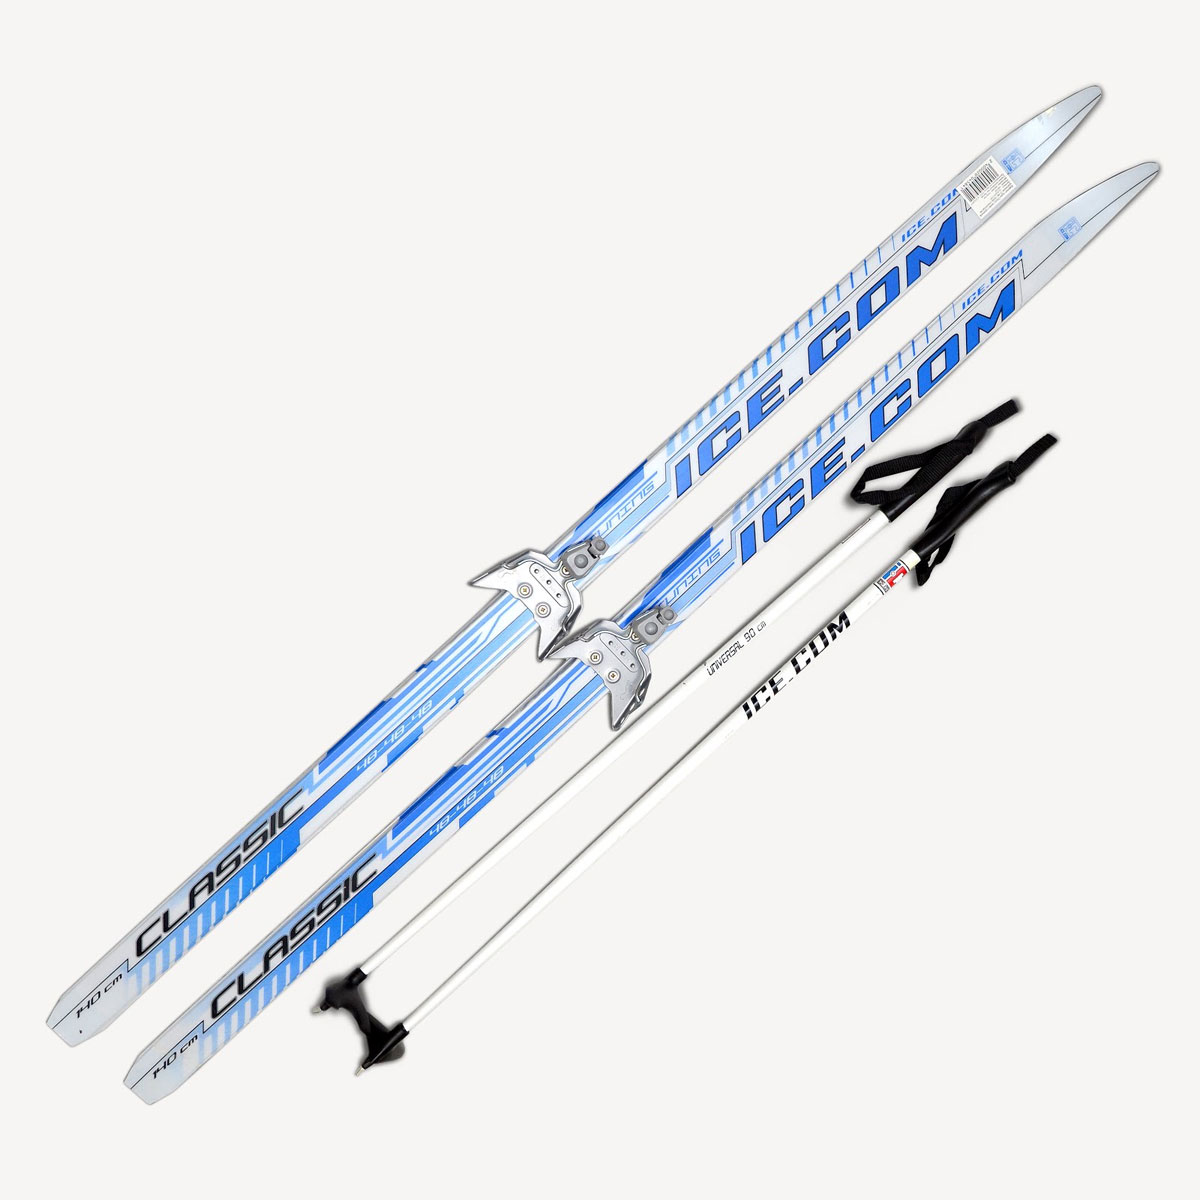 Лыжный комплект Ice.com Classic step, цвет: синий, крепление 75 мм. Длина 140 смKarjala Comfort NNNЛыжный комплект Ice.com Classic step (с насечкой) предназначен для активного катания и прогулок по лыжне как классическим стилем, так и коньковым (свободным) ходом. Особенности:Скользящая поверхность из экструдированного полиэстера;Облегченный деревянный клин c воздушными каналами;Модель со степ насечкой, не требующей нанесения мазей;Палки 100% углеволокно;Крепление 75 мм. Характеристики:Длина лыжи: 140 см. Геометрия: 46-46-46. Длина палок: 90 см. Крепления: 75 мм. Материал: пластик, дерево, углеволокно. Цвет: синий. Размер упаковки: 140 см х 12 см х 15 см.